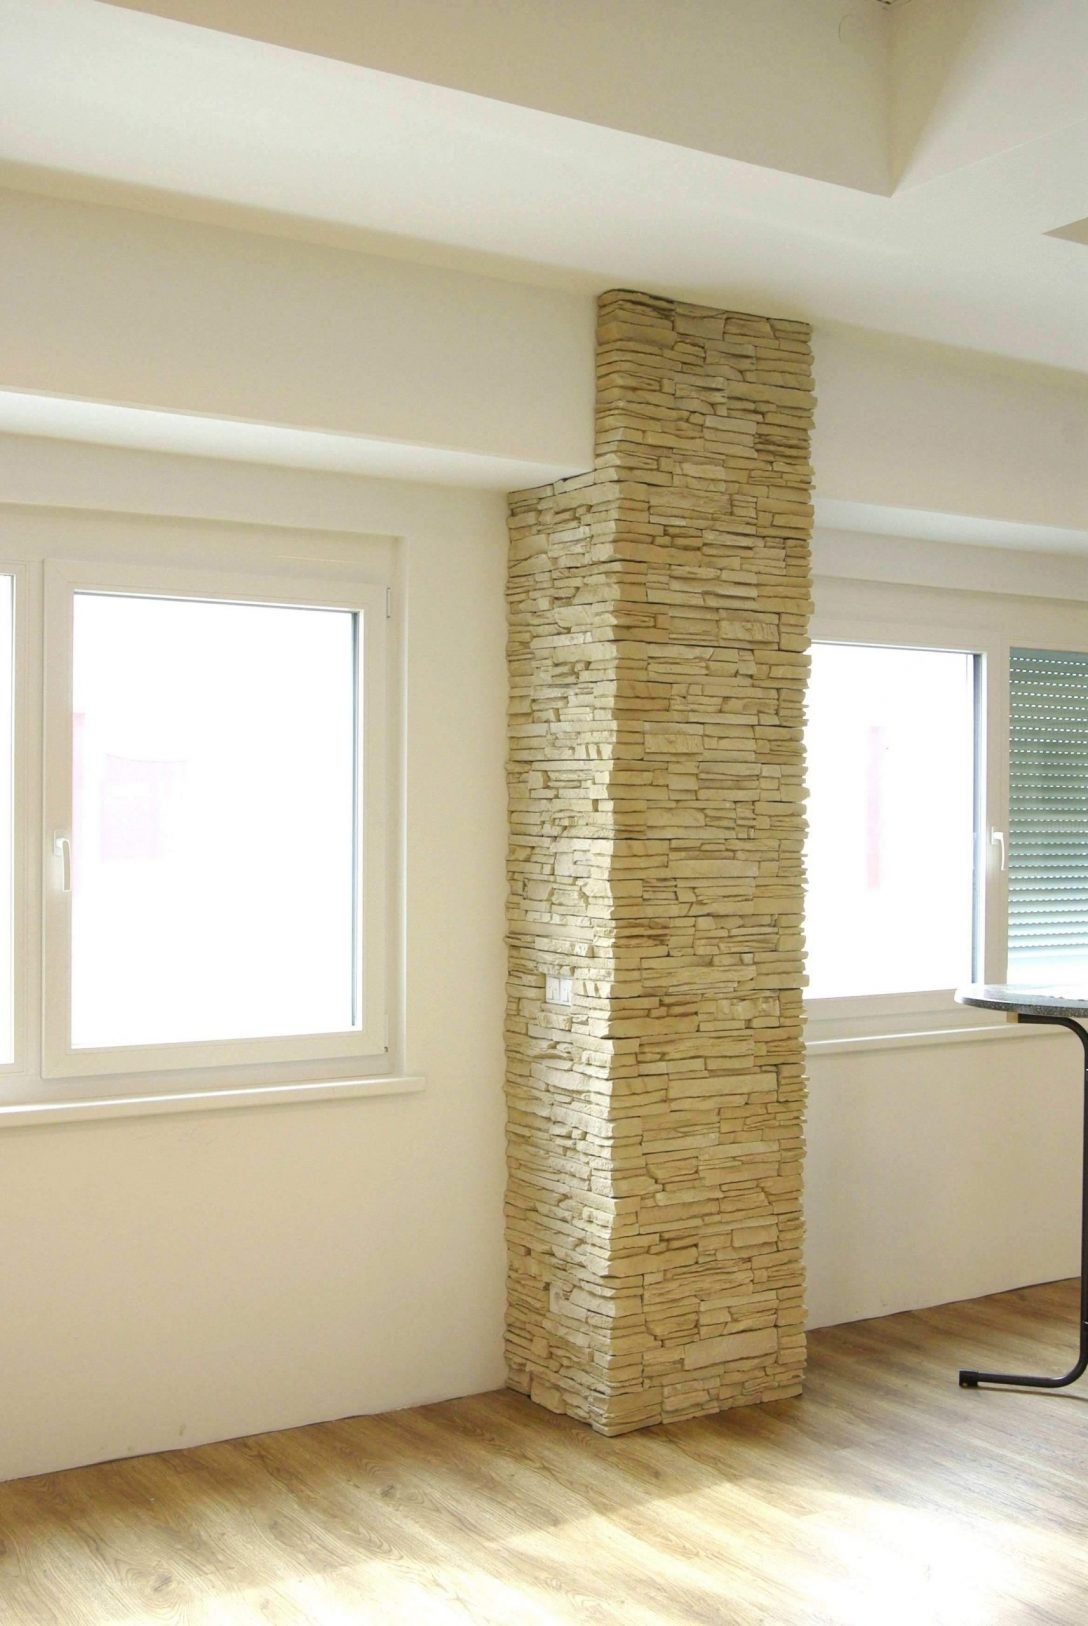 Large Size of Wohnzimmer Stehlampe Indirekte Beleuchtung Lampe Heizkörper Teppiche Deckenleuchte Hängelampe Tischlampe Led Wohnwand Wandbilder Liege Anbauwand Schrank Wohnzimmer Tischlampe Wohnzimmer